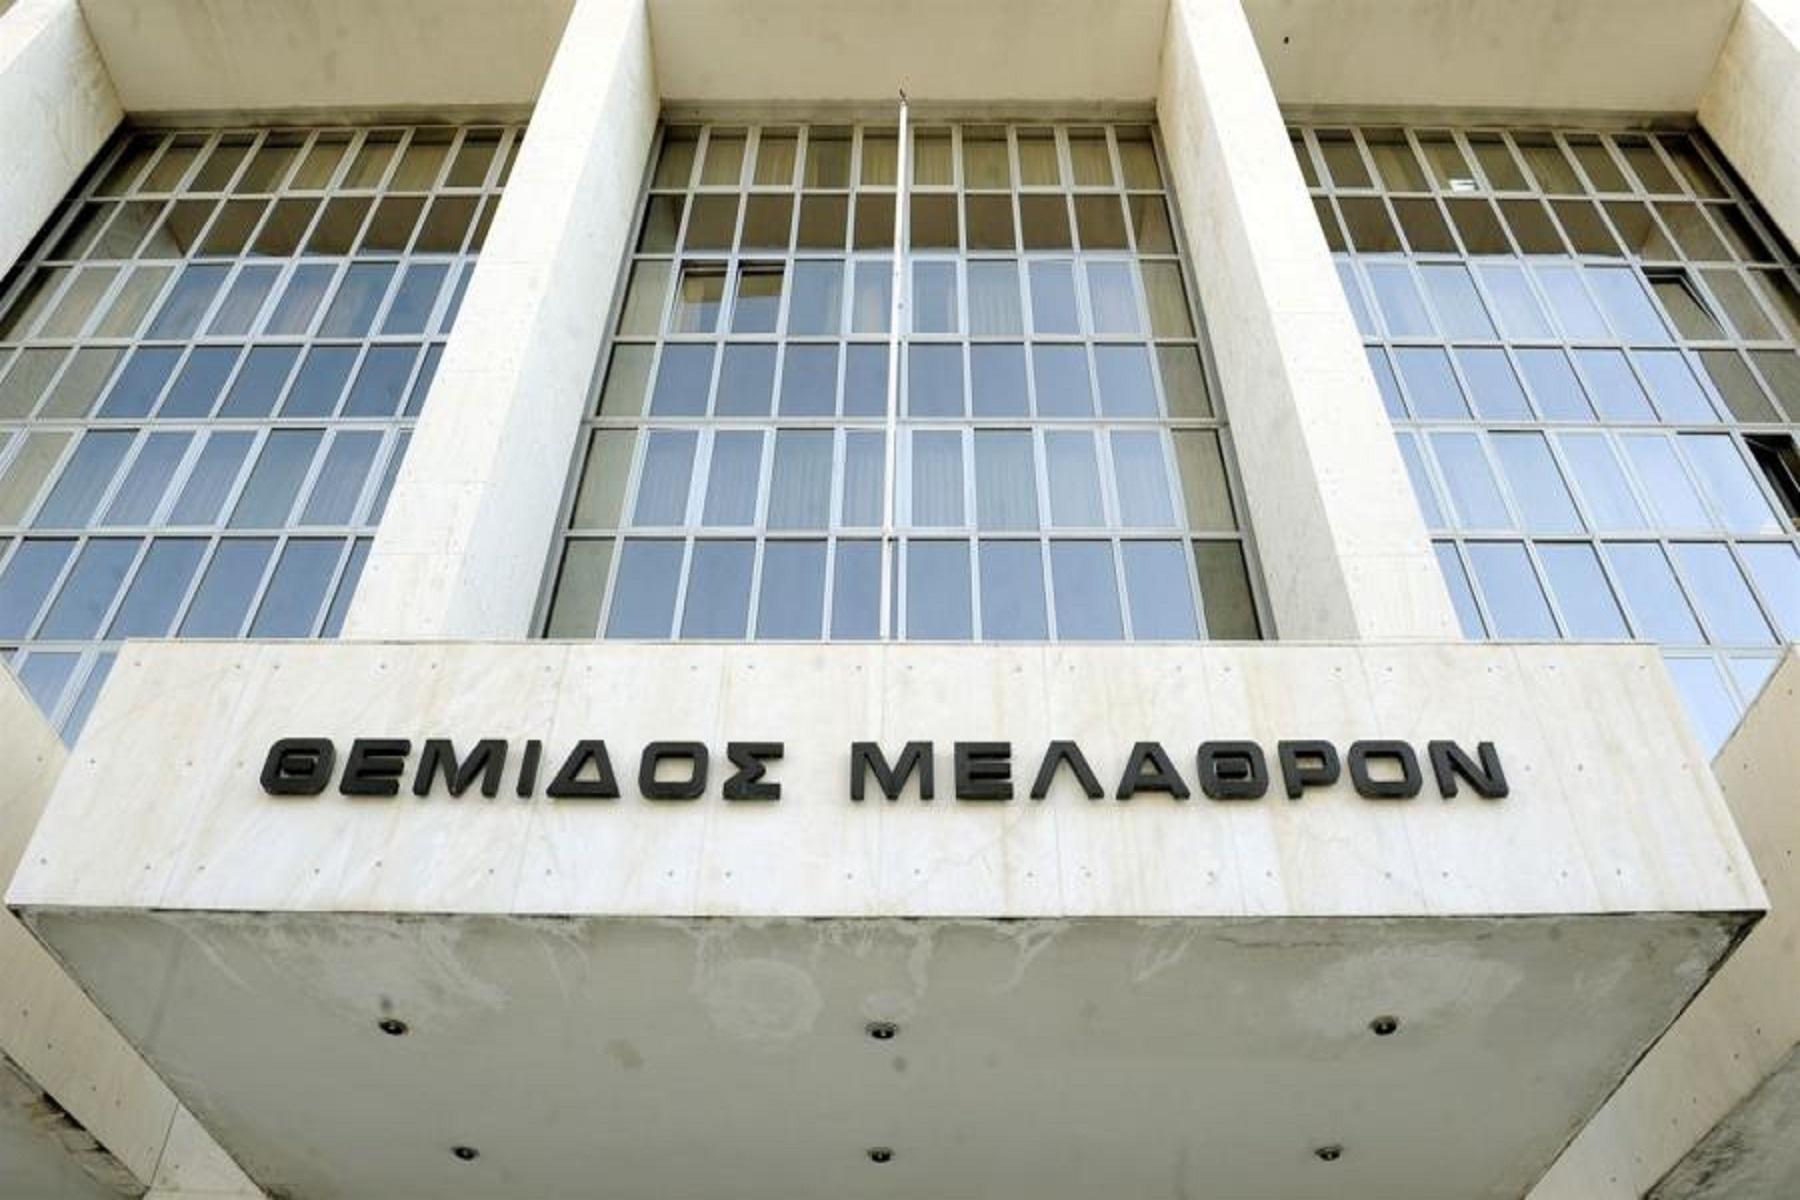 Ισίδωρος Ντογιάκος: Παραίτηση από μέλος της ΕΔΕ για παρέμβαση υπέρ Κουφοντίνα